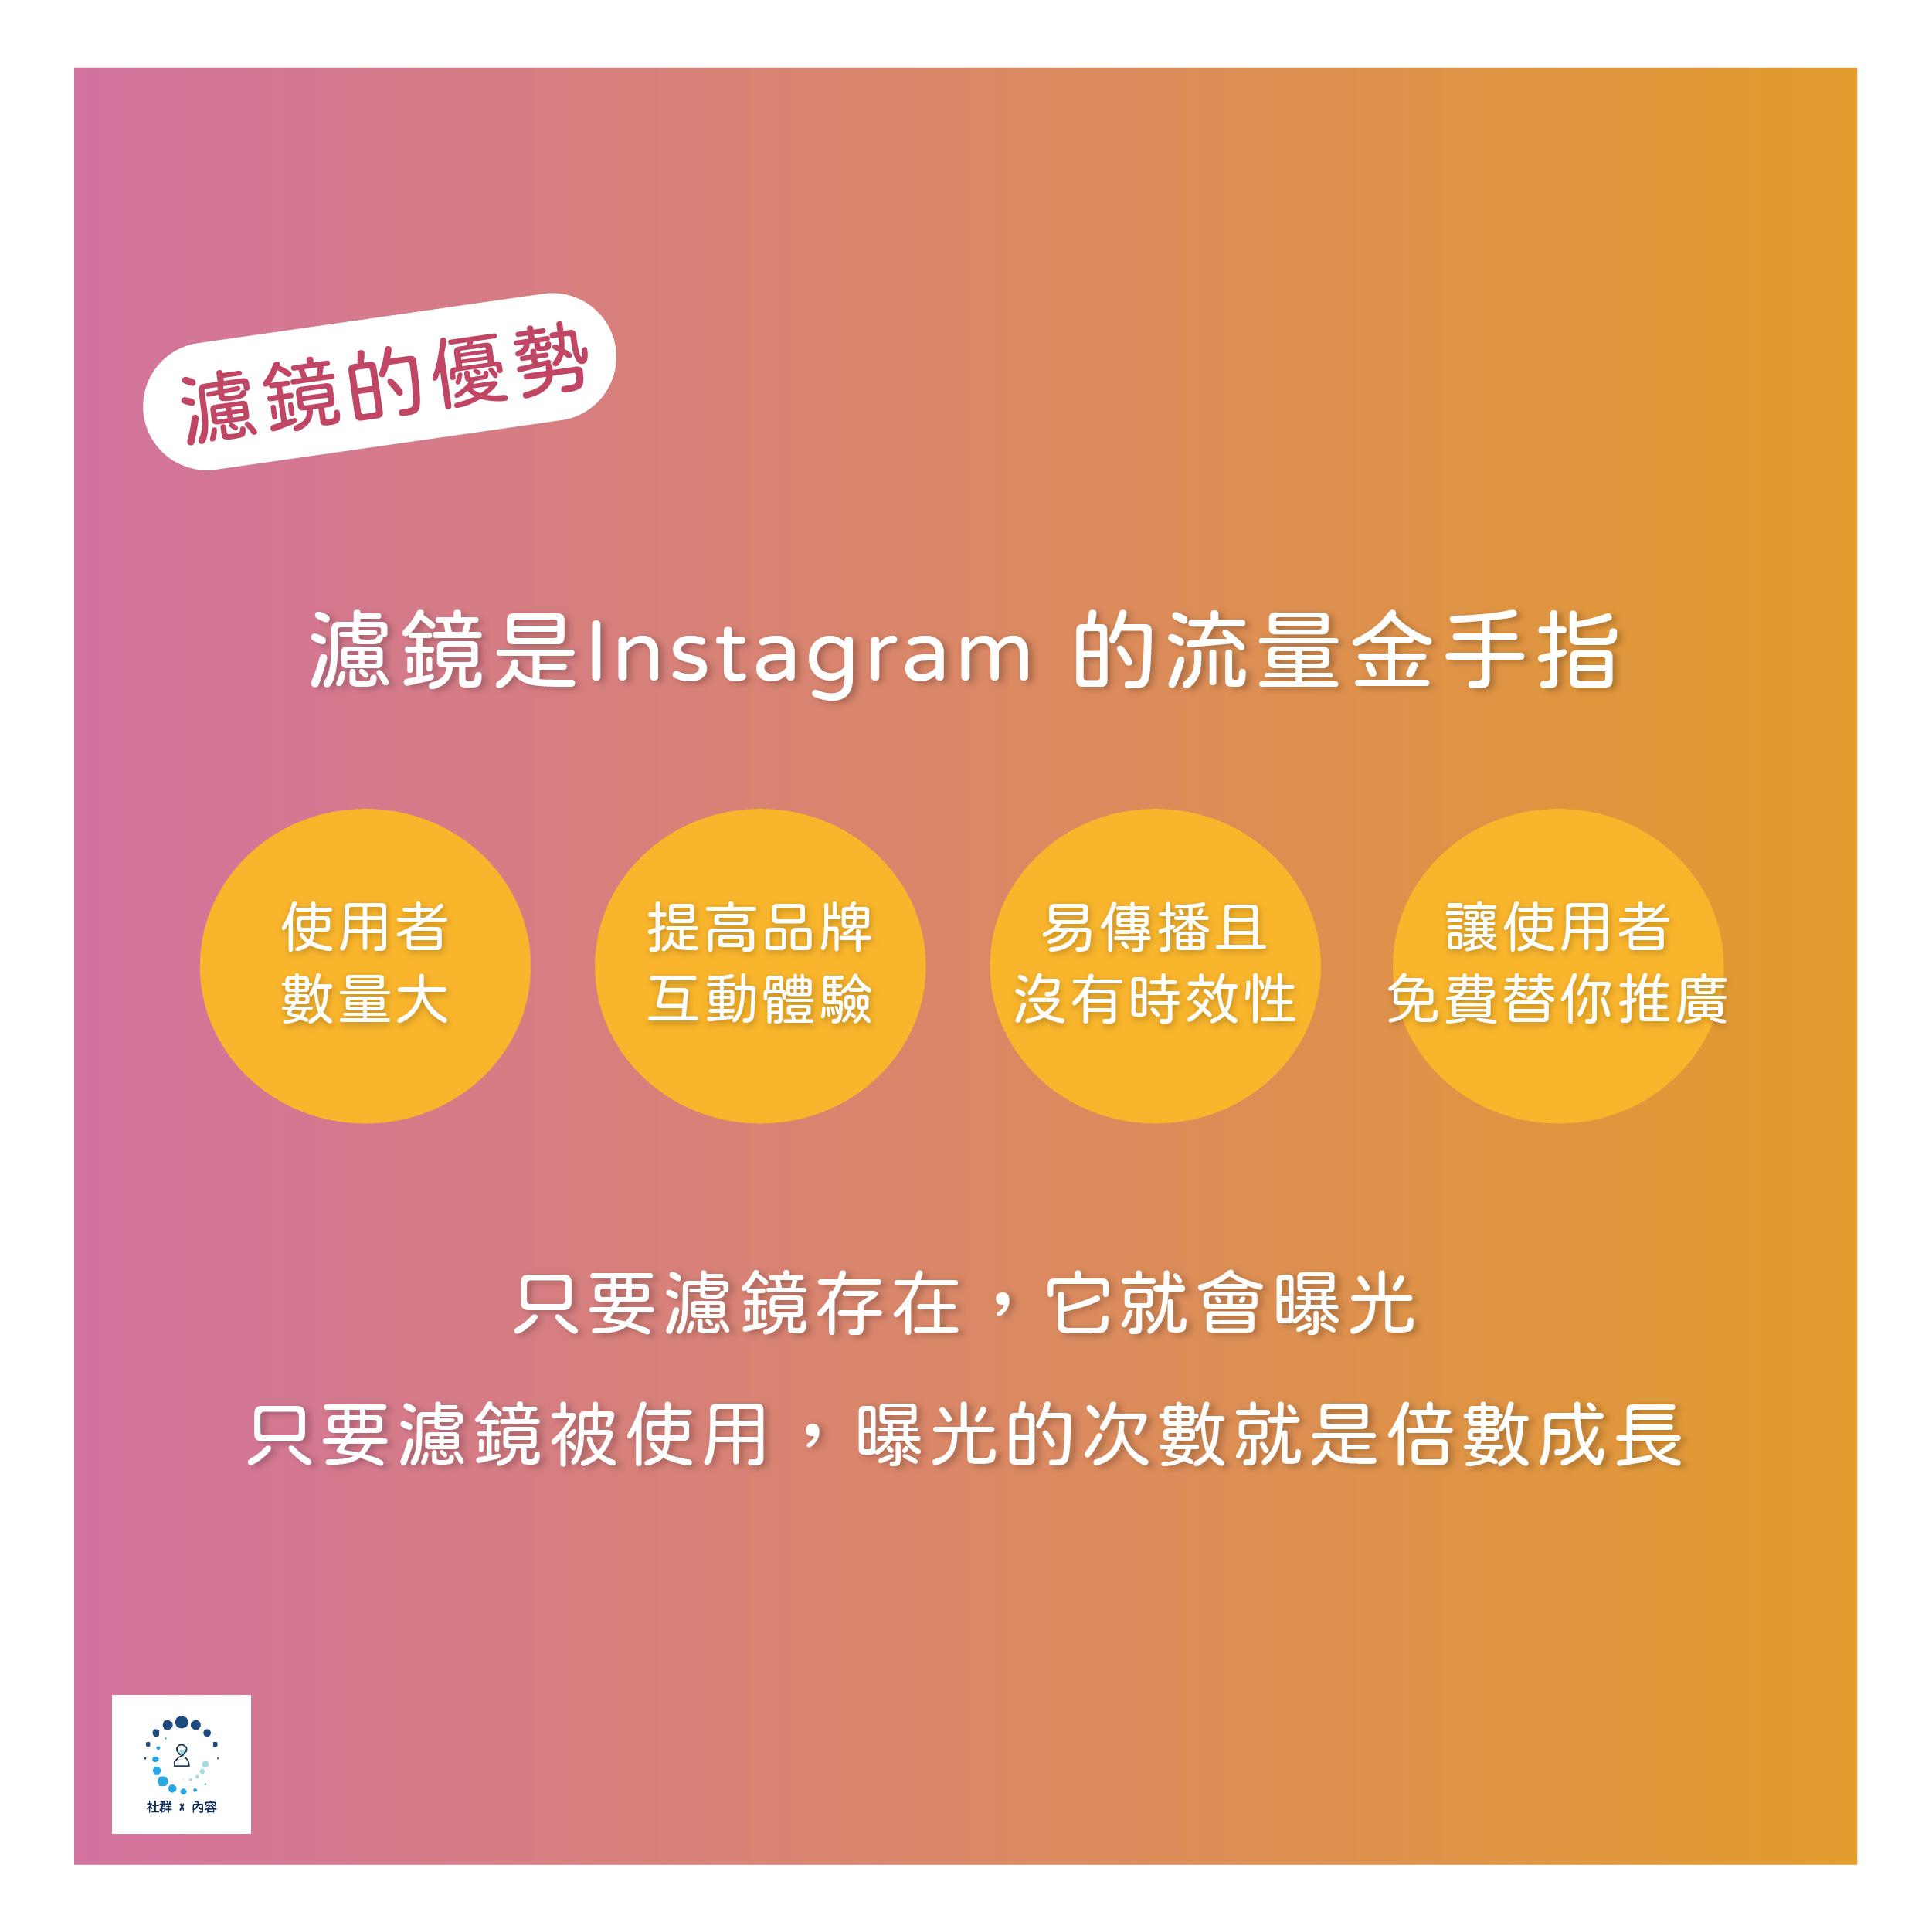 Instagram濾鏡特效 教你如何在限時動態使用、製作及優勢